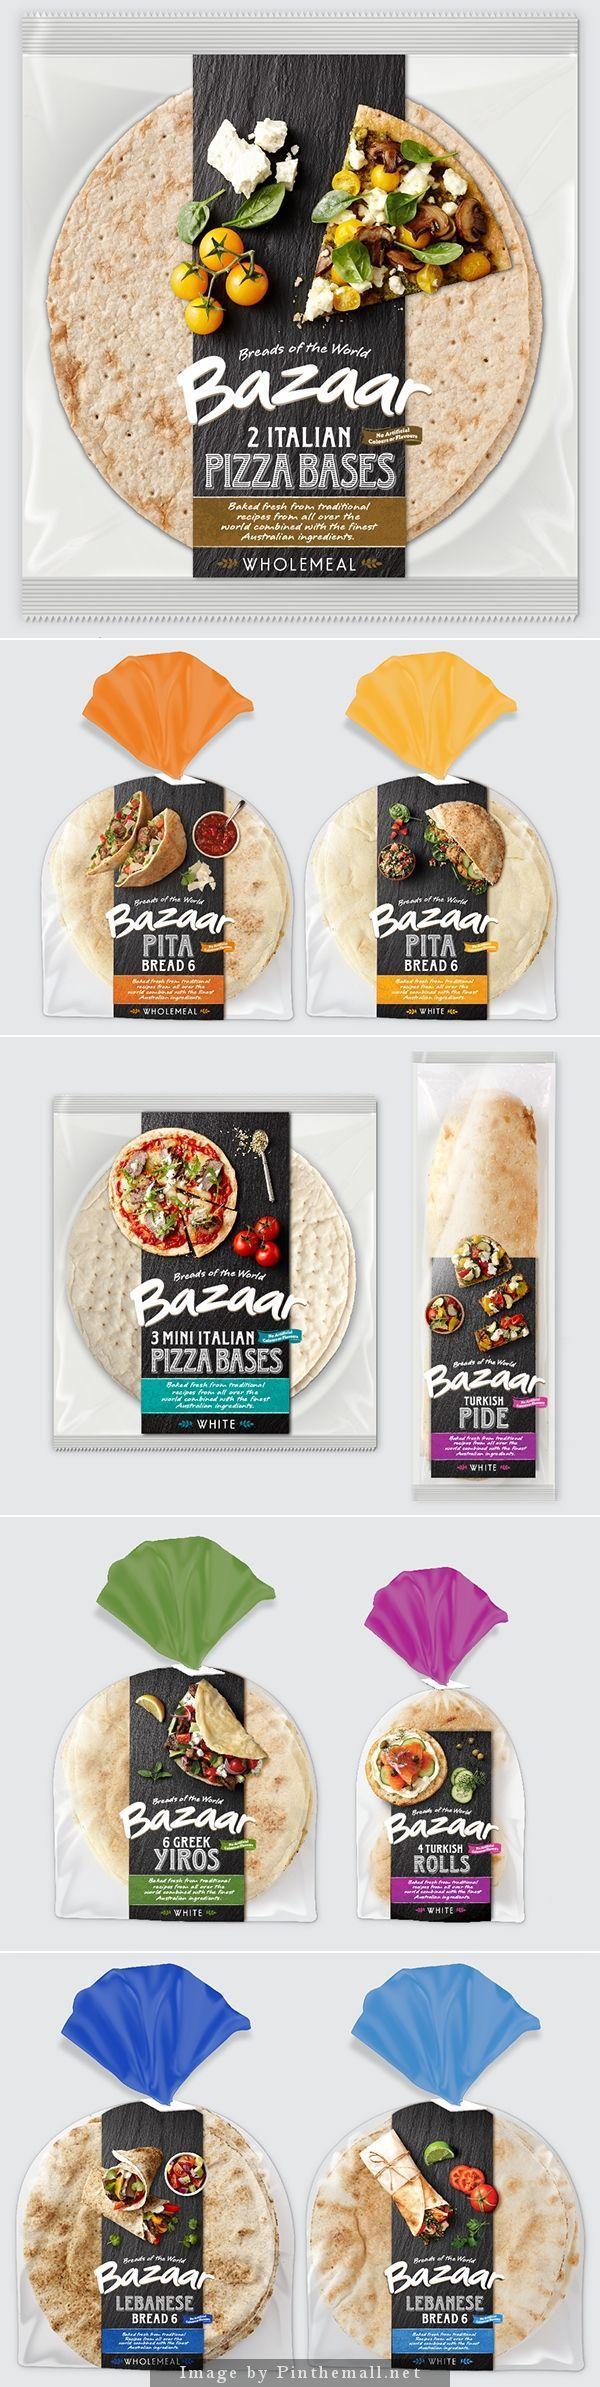 Bazaar Pizza Bases